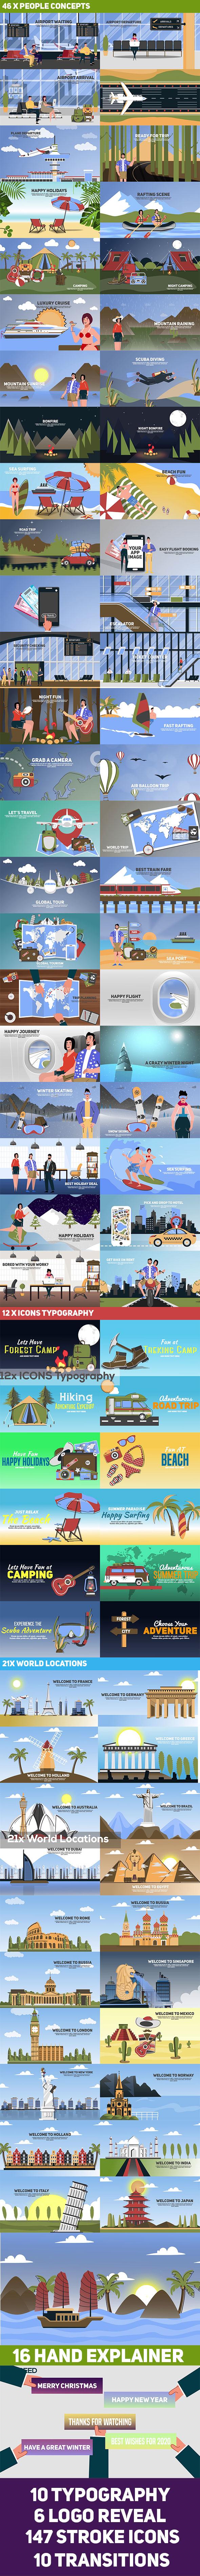 دانلود پروژه افتر افکت Travel & Holiday Promotion Kit